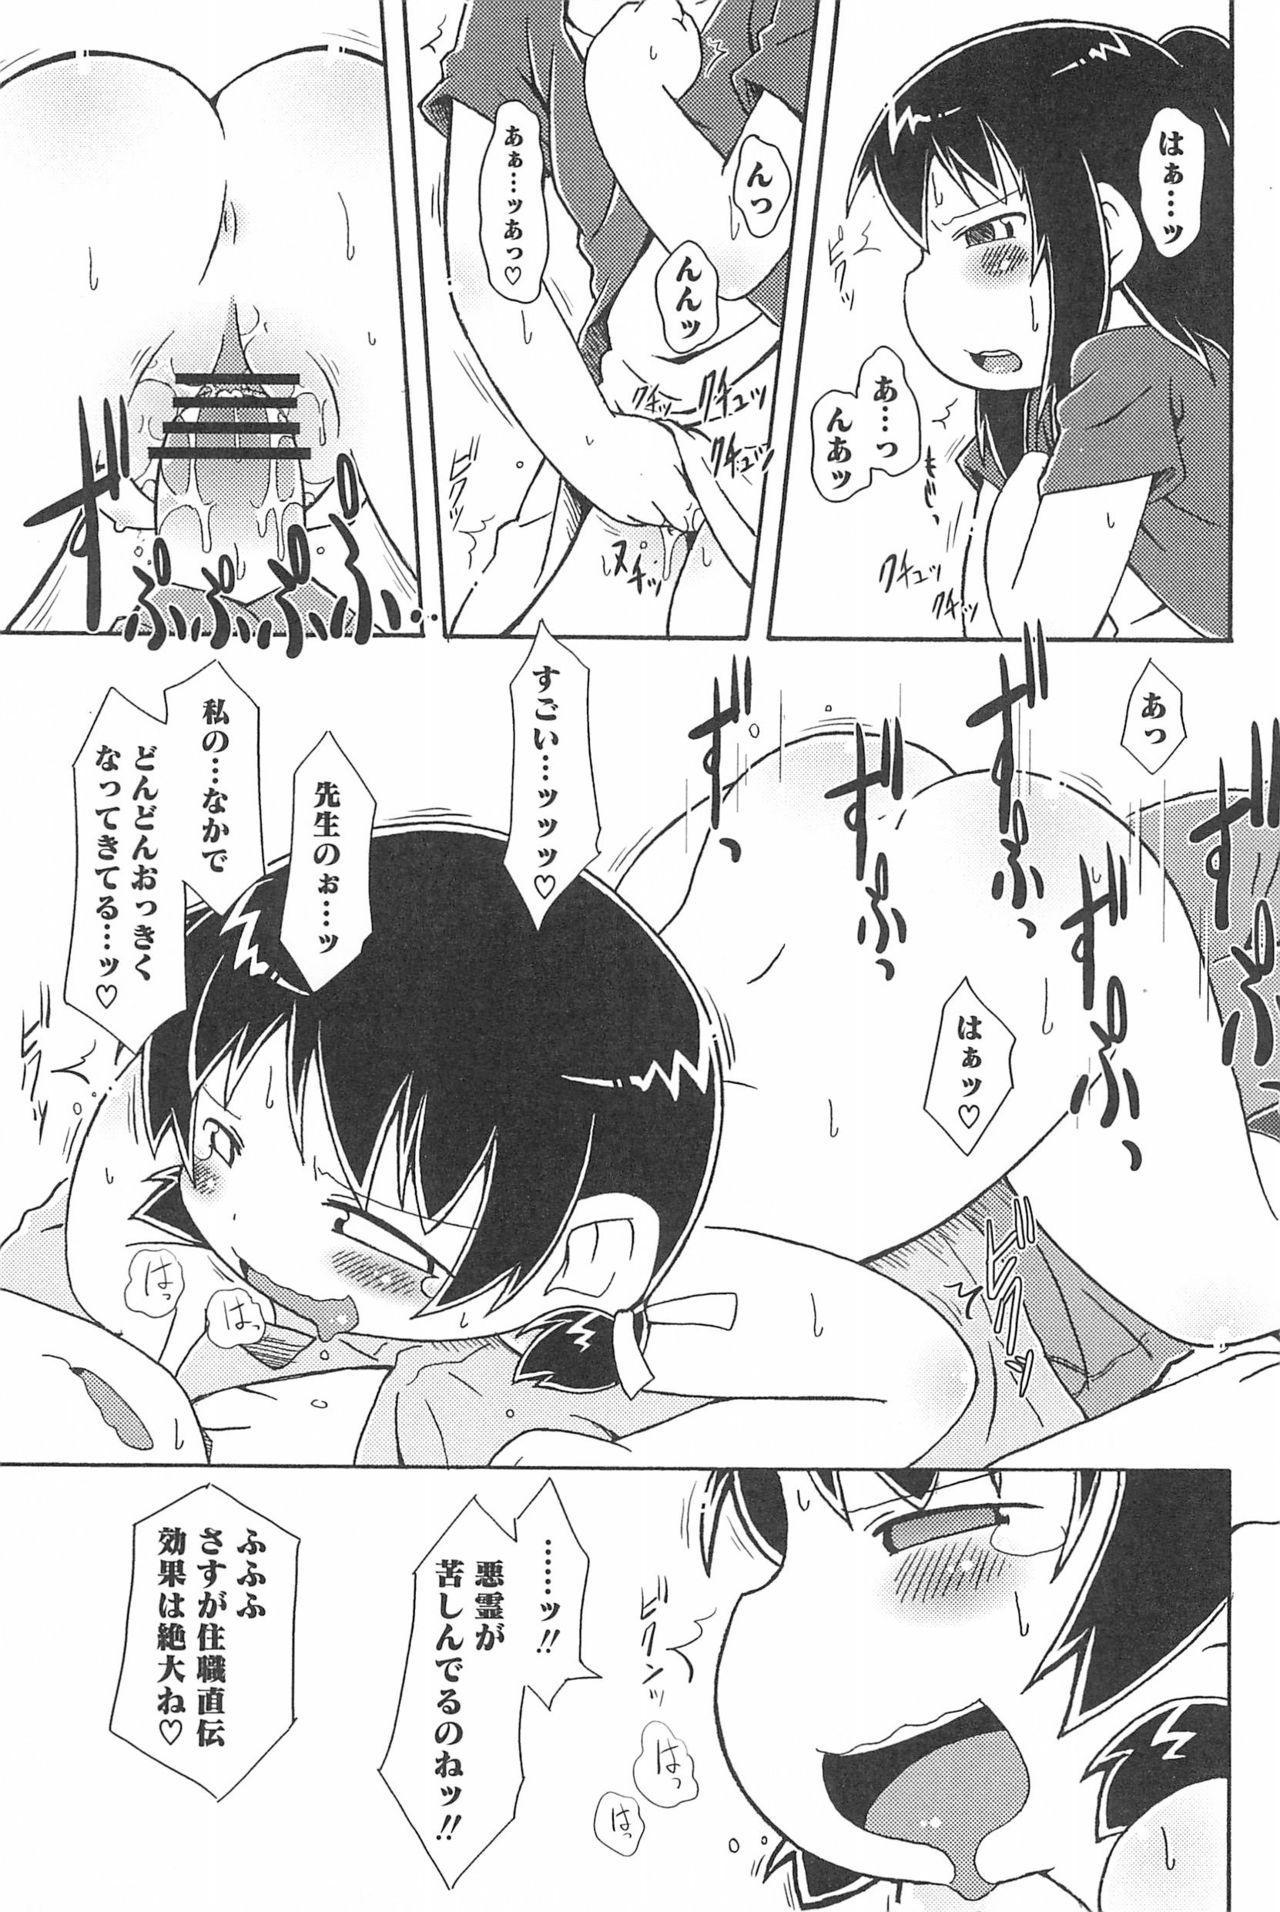 [Anthology] 3-tsugo 3 Shimai no Seiyoku wa 3-bai (Mitsudomoe) 66